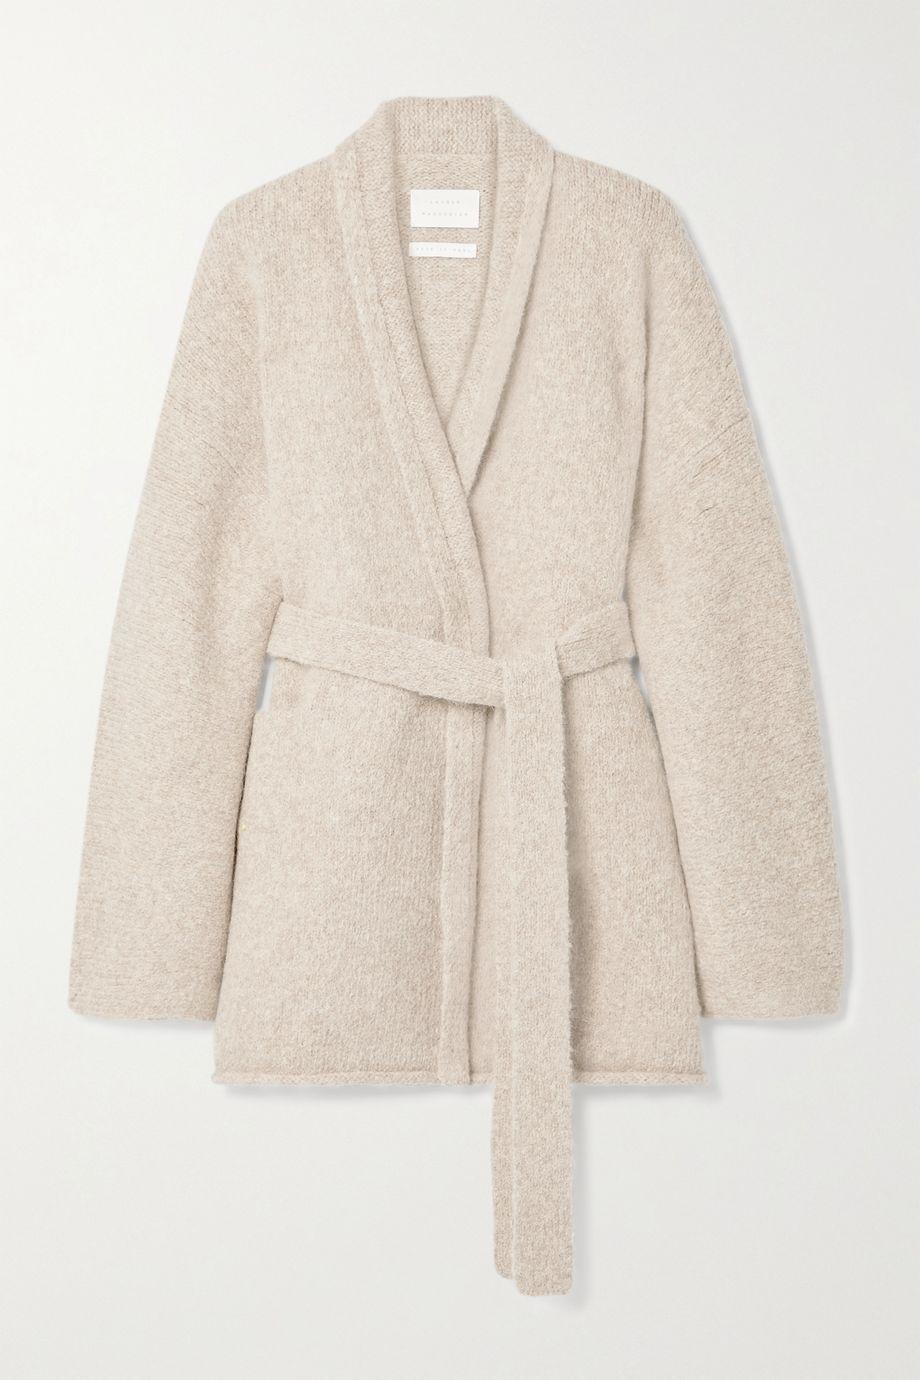 Lauren Manoogian Coto alpaca-blend cardigan